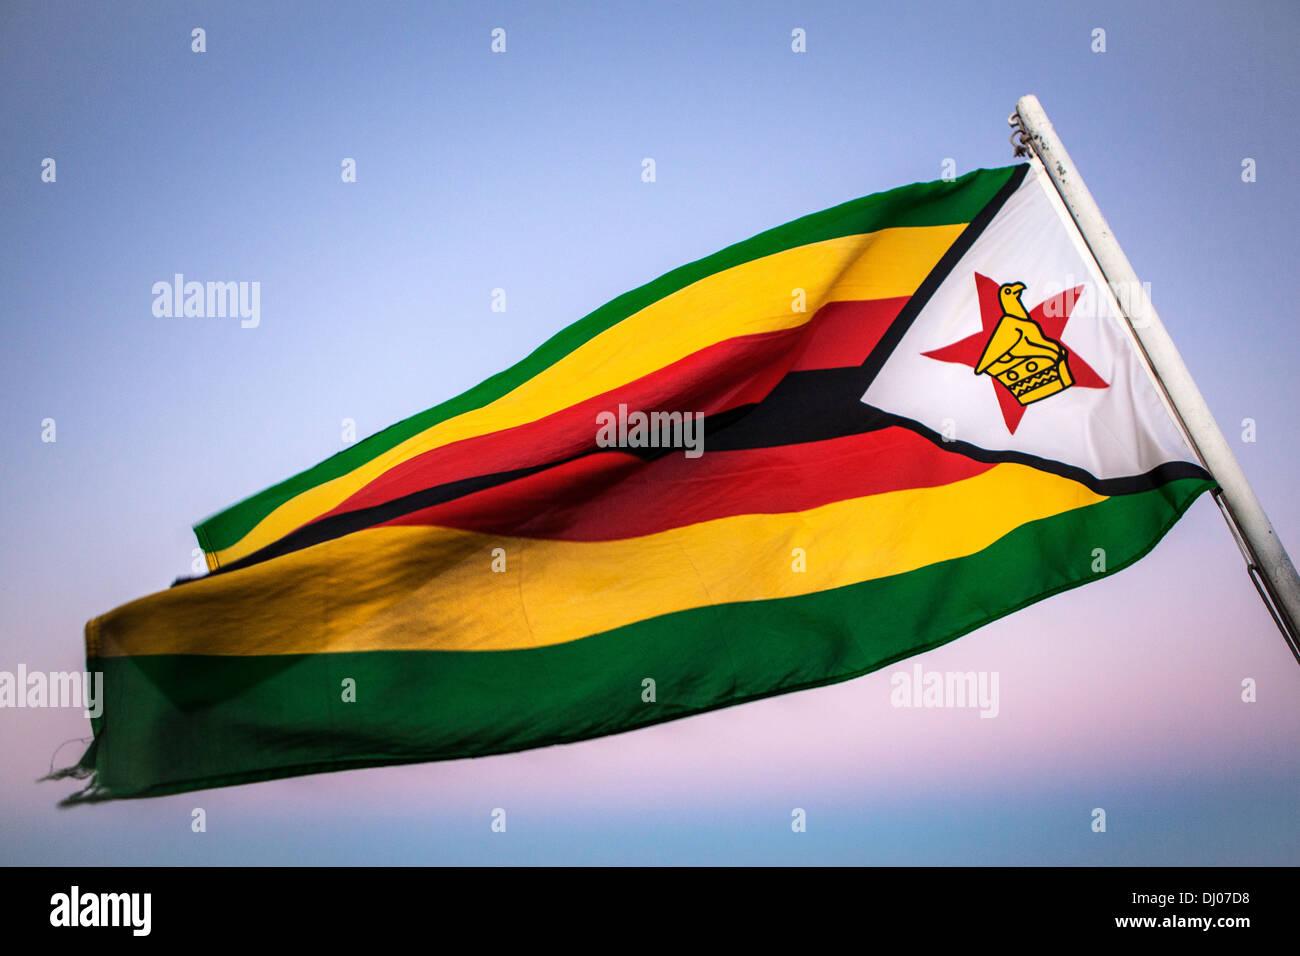 Zimbabwe flag - Stock Image